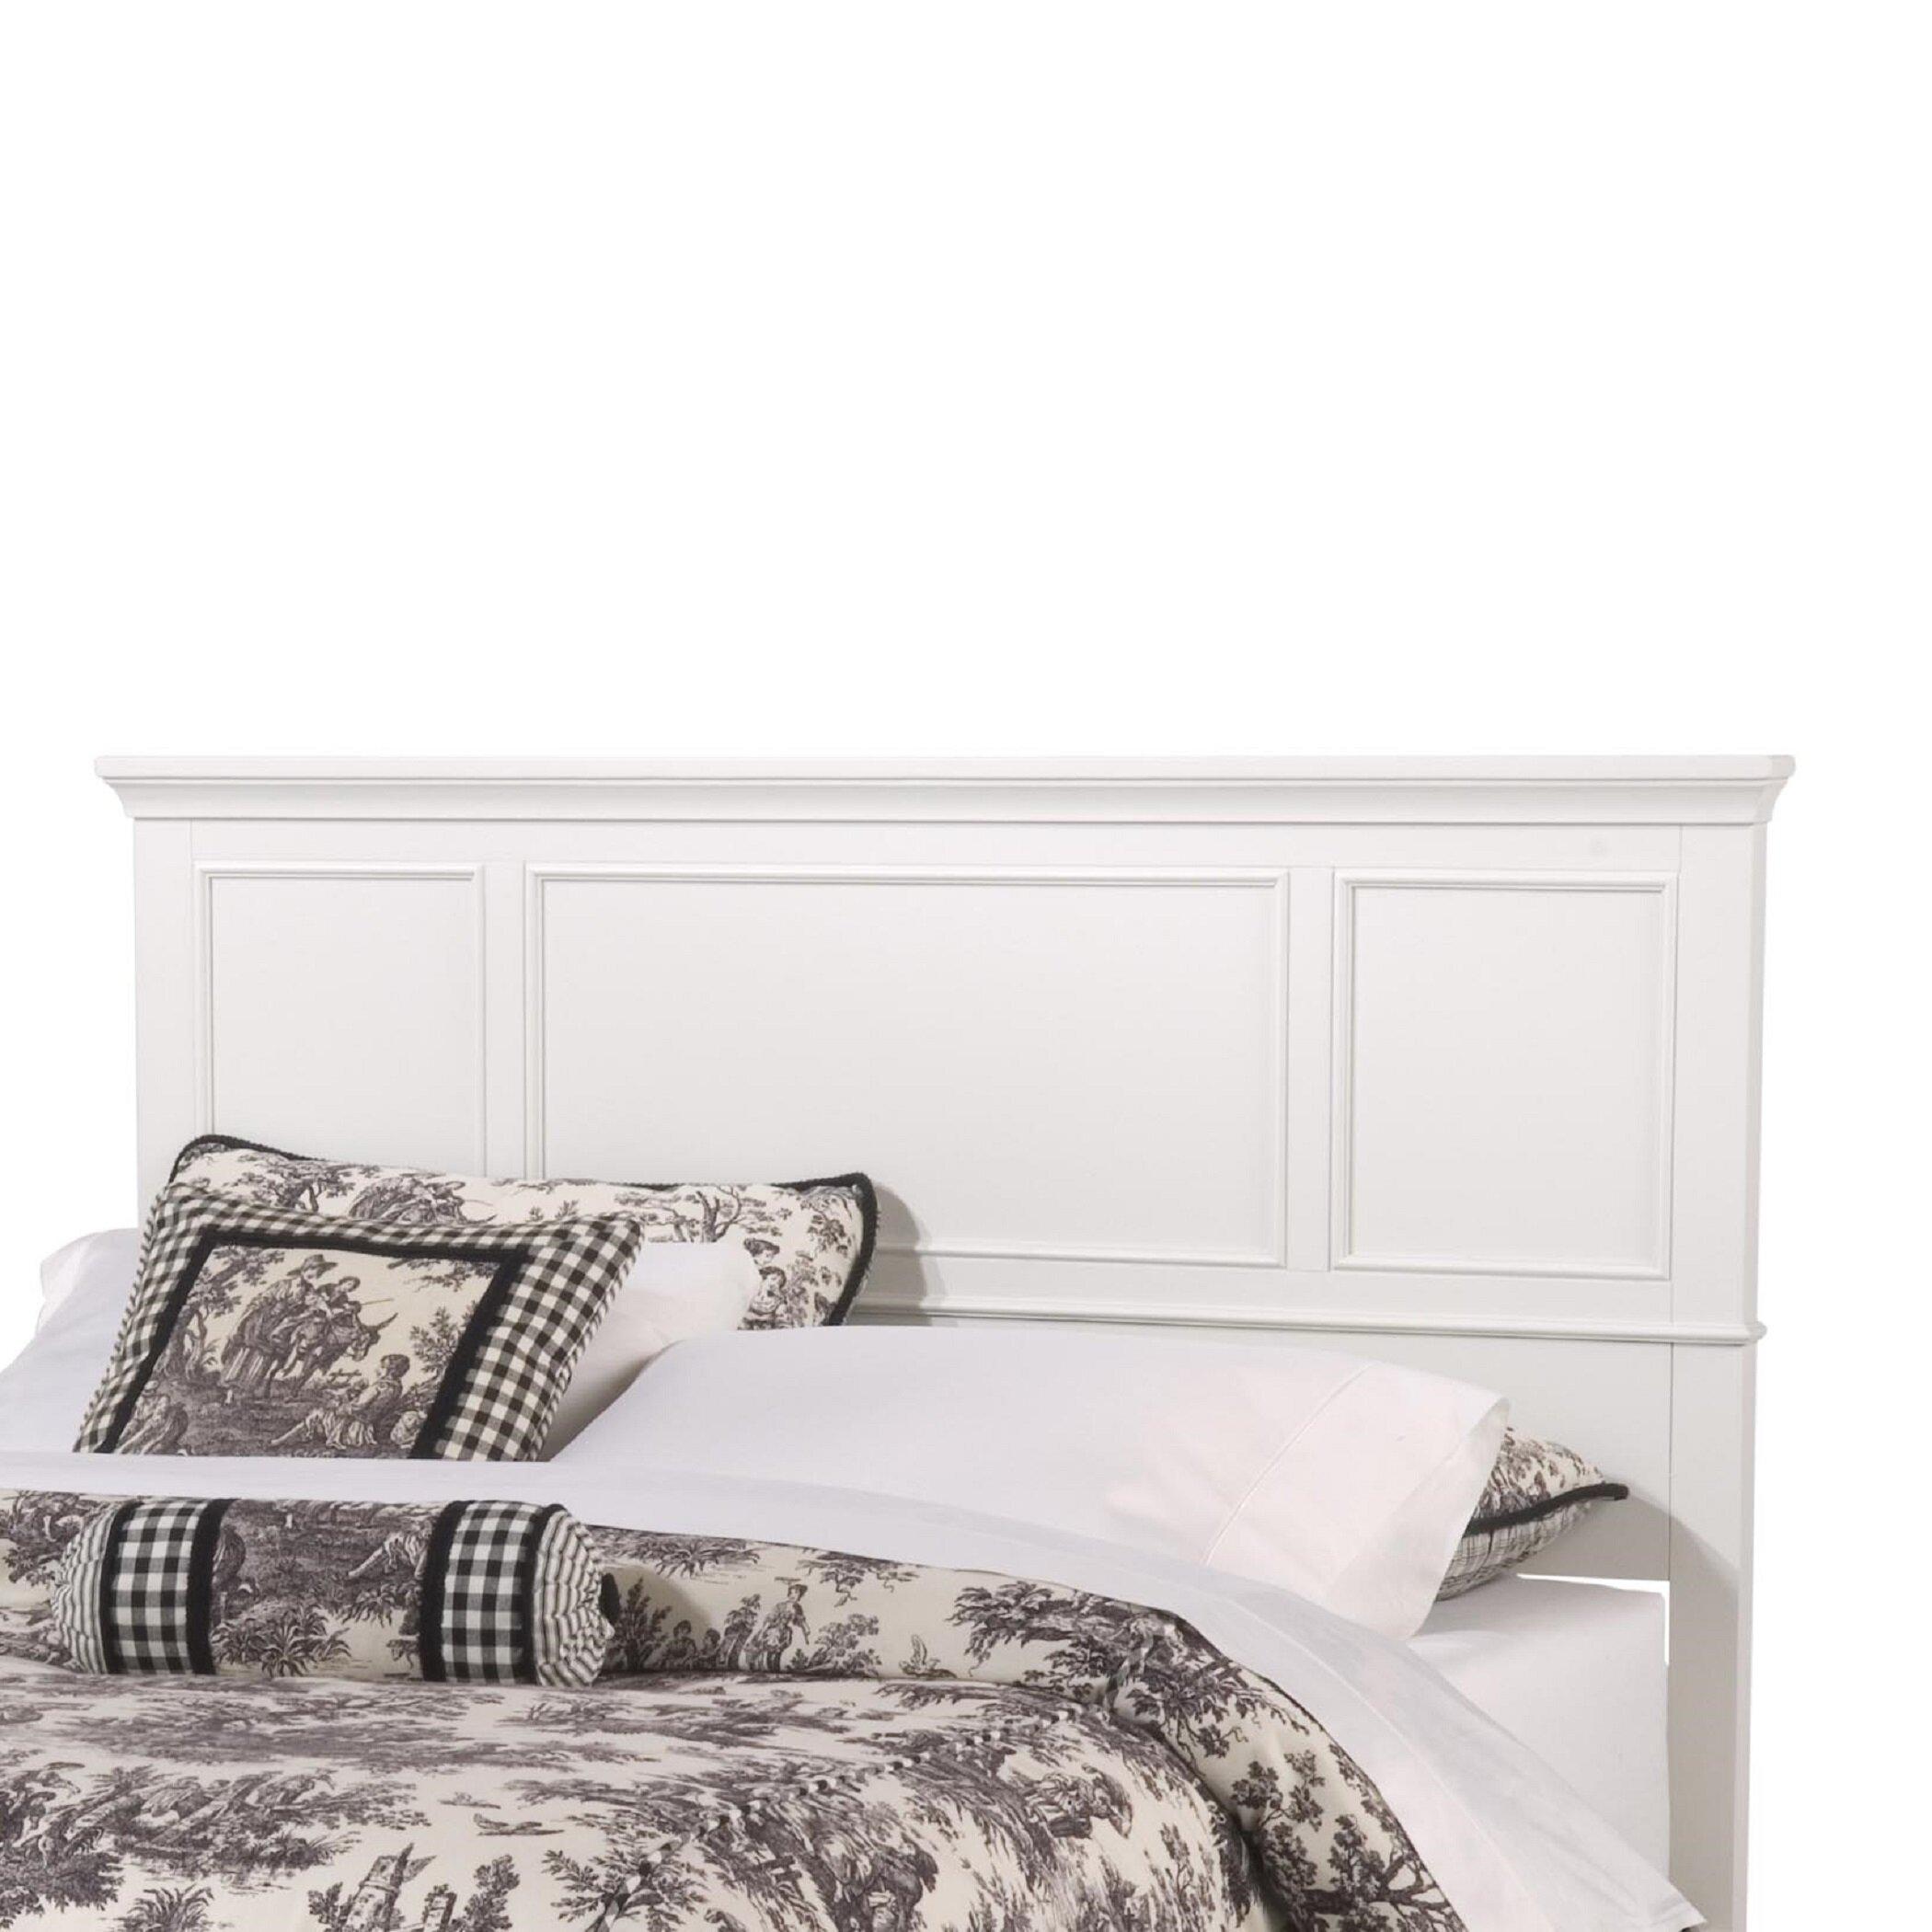 Home Styles Naples King Wood Headboard Reviews Wayfair